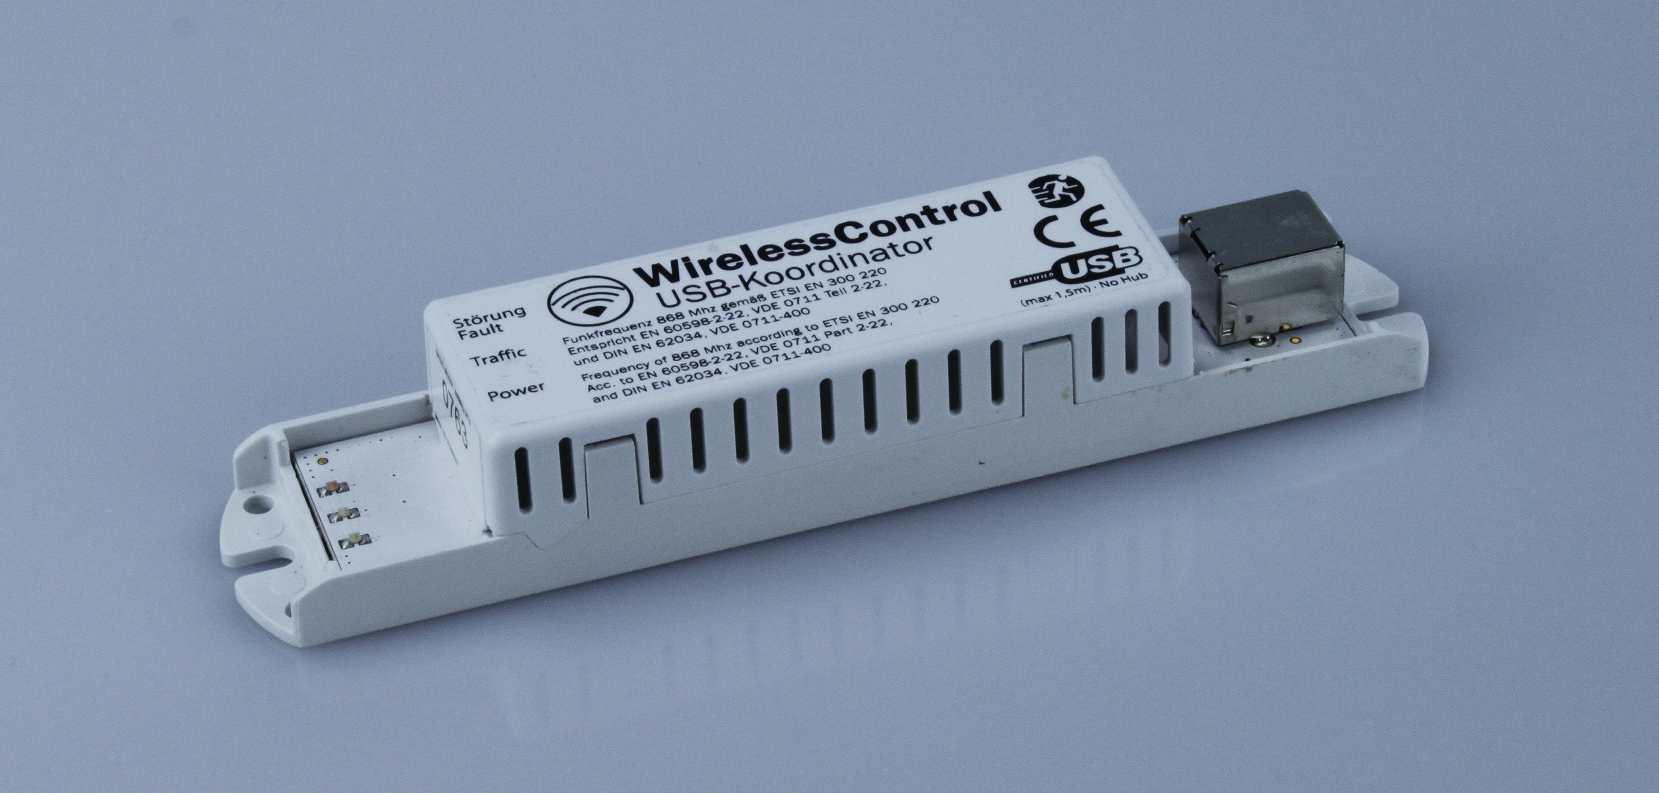 Koordinator USB auf WirelessControl Netzwerk